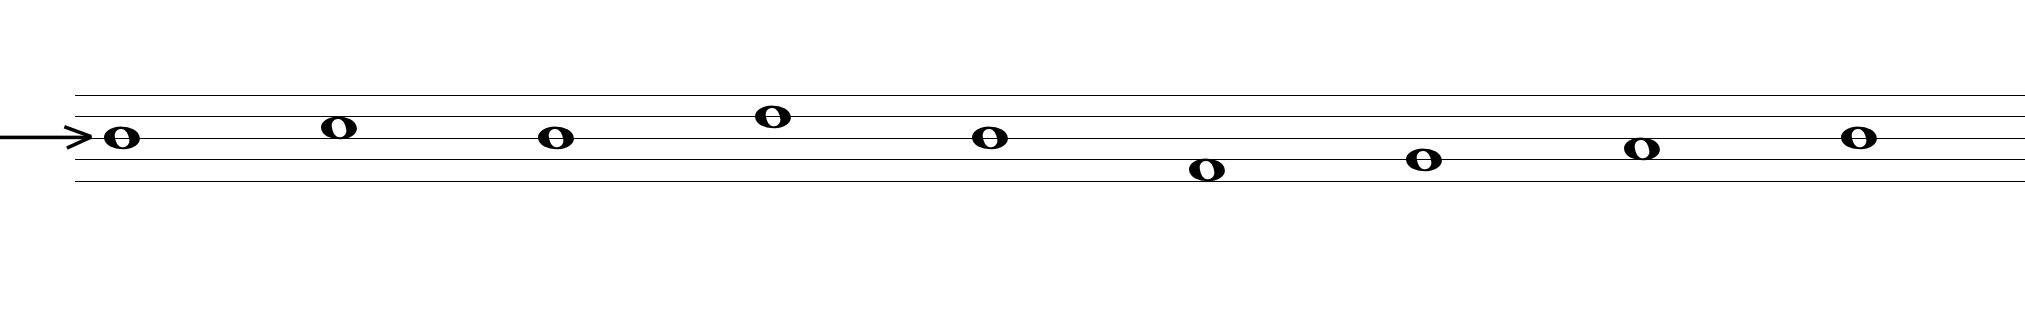 Skyler Scott - Skyler's example 3.jpg